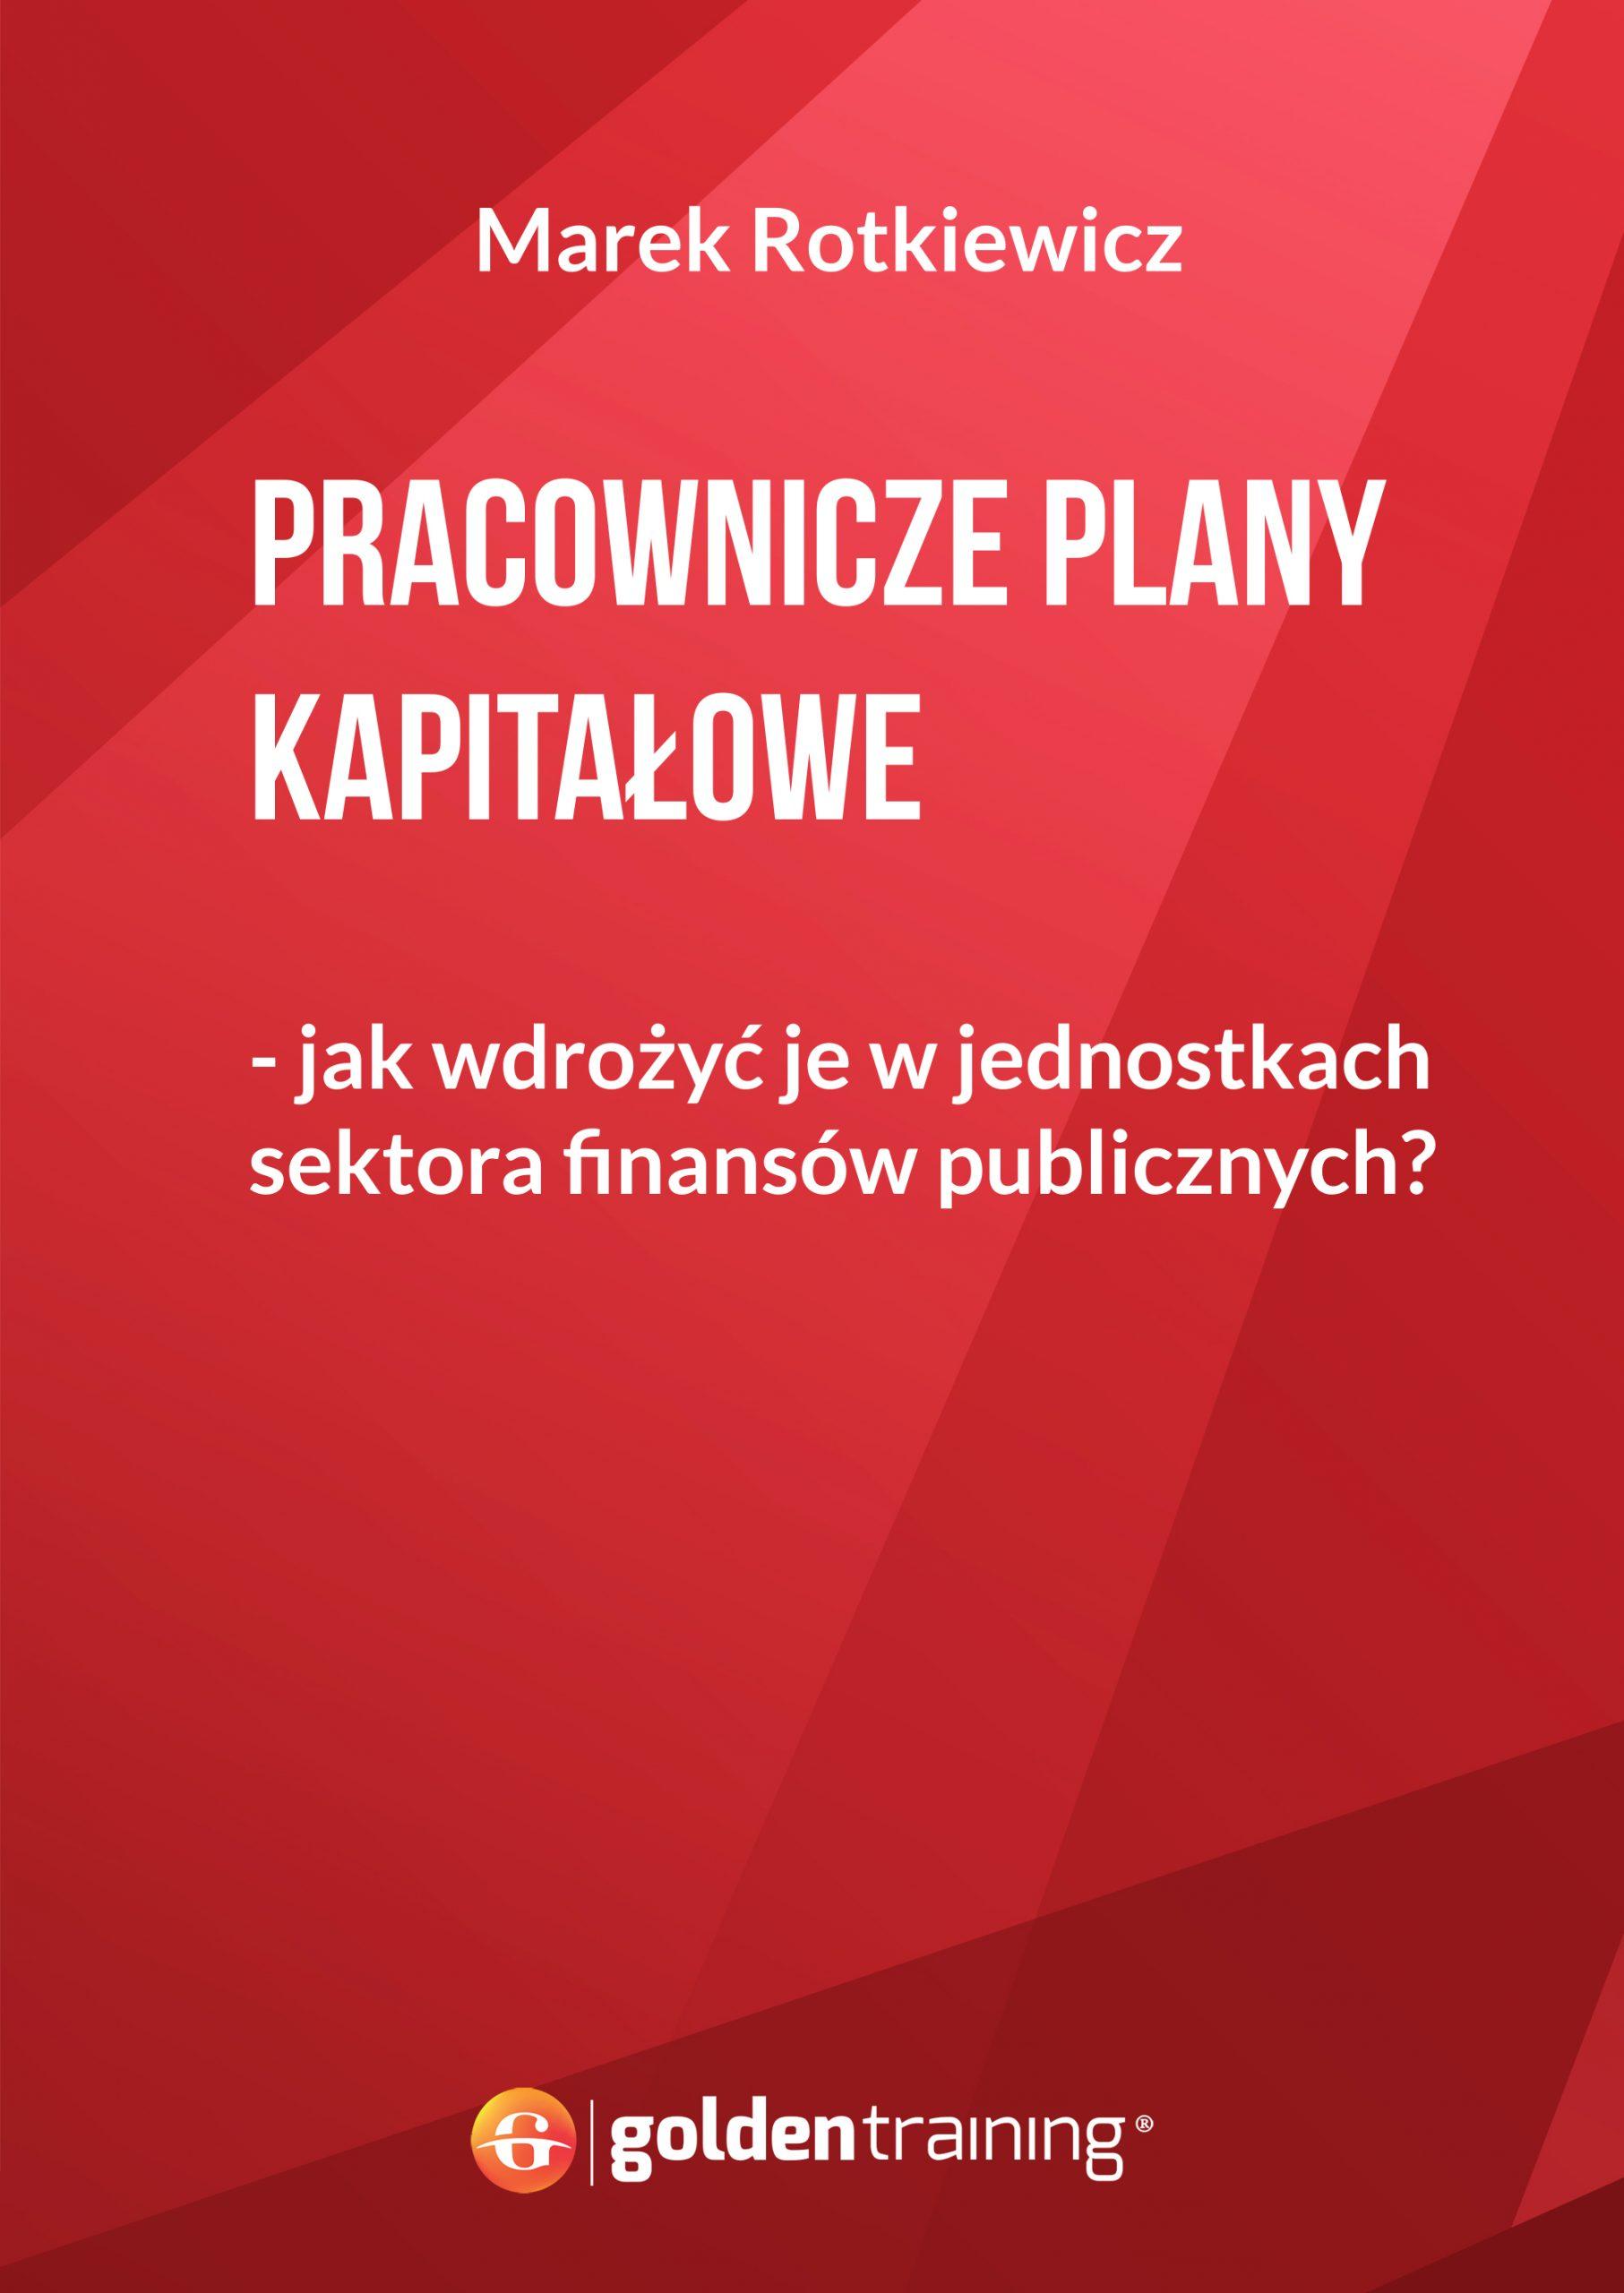 Pracownicze Plany Kapitałowe – jak wdrożyć je w jednostkach sektora finansów publicznych?